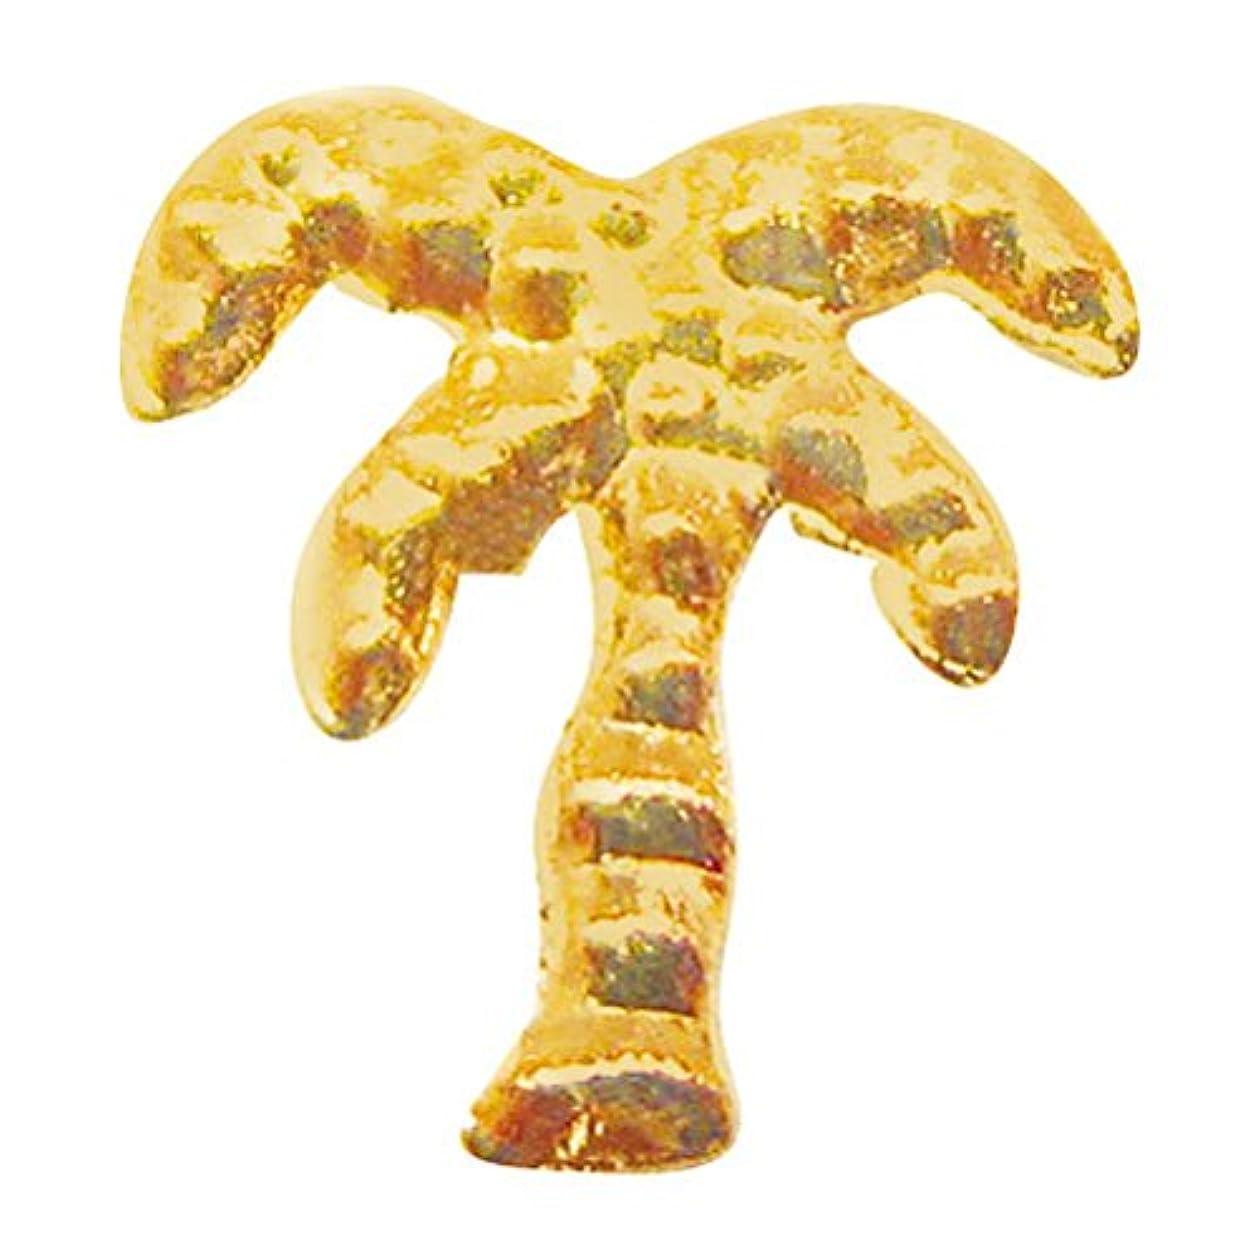 長方形徹底的にそれにもかかわらずサンシャインベビー ジェルネイル ヤシの木(ゴールド) 10P